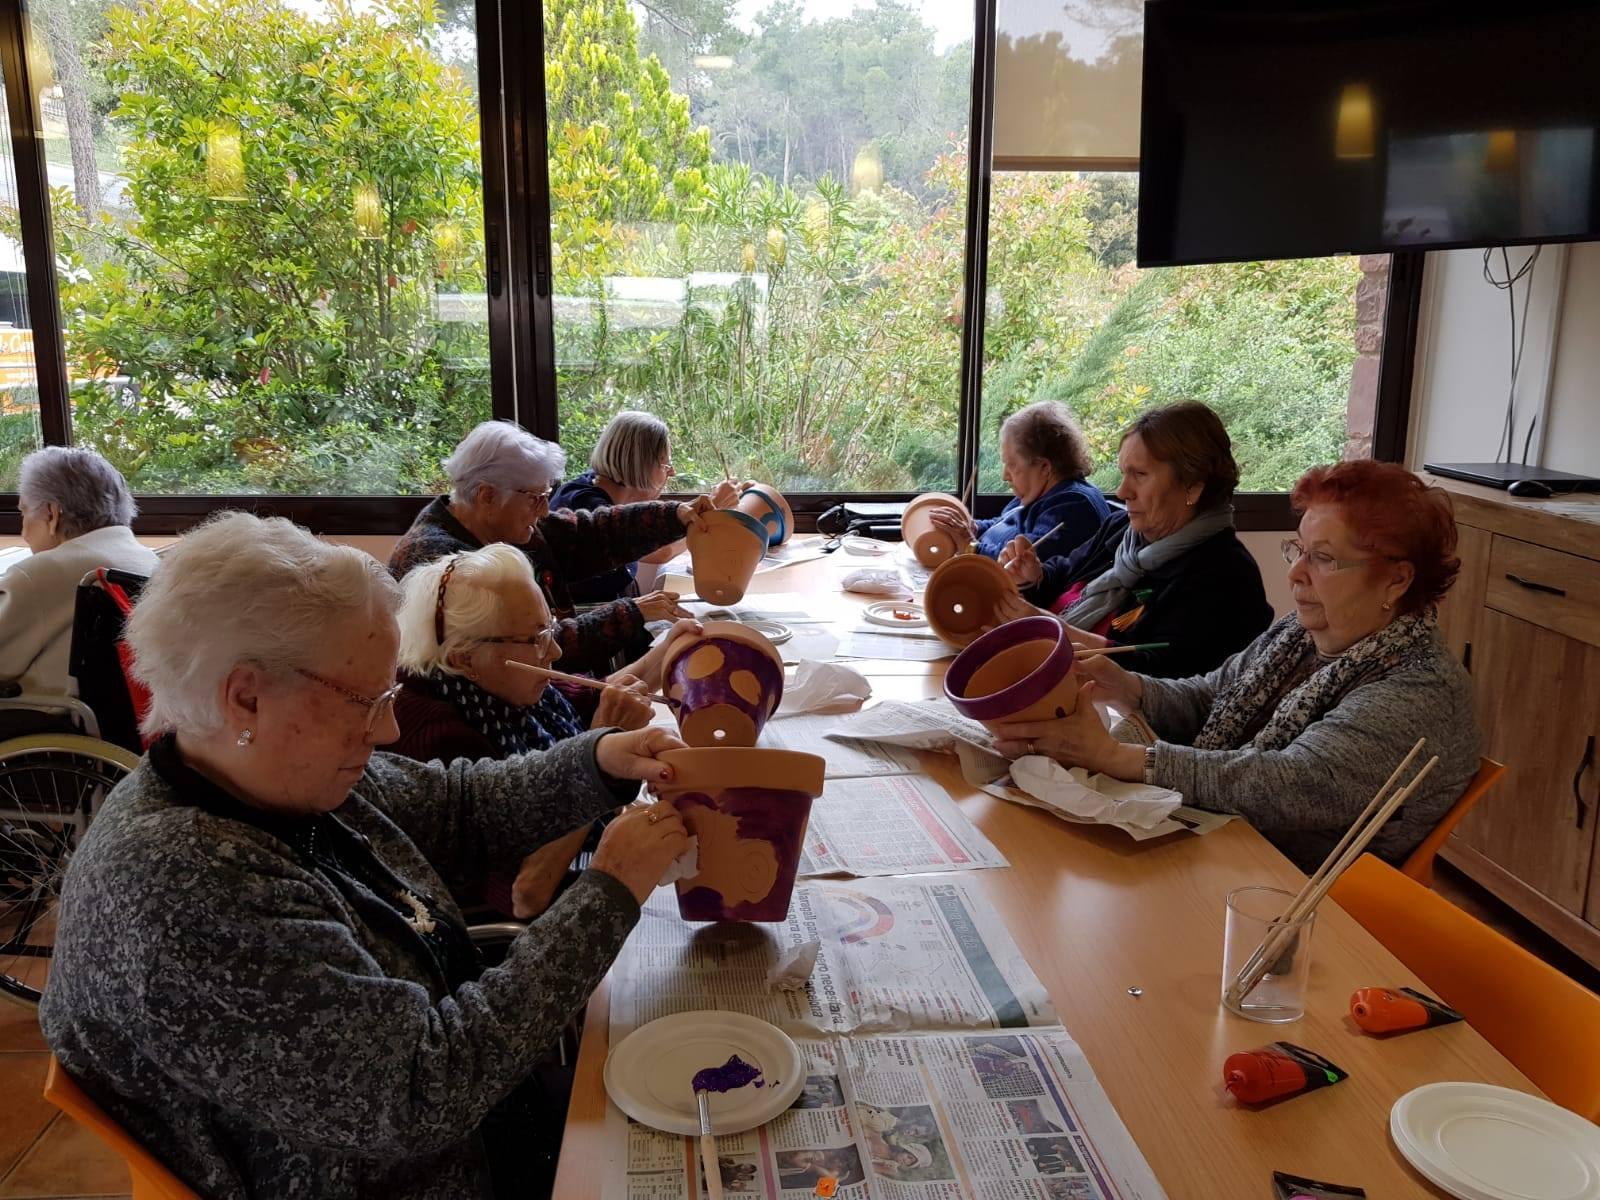 Centre de dia per a gent gran: beneficis